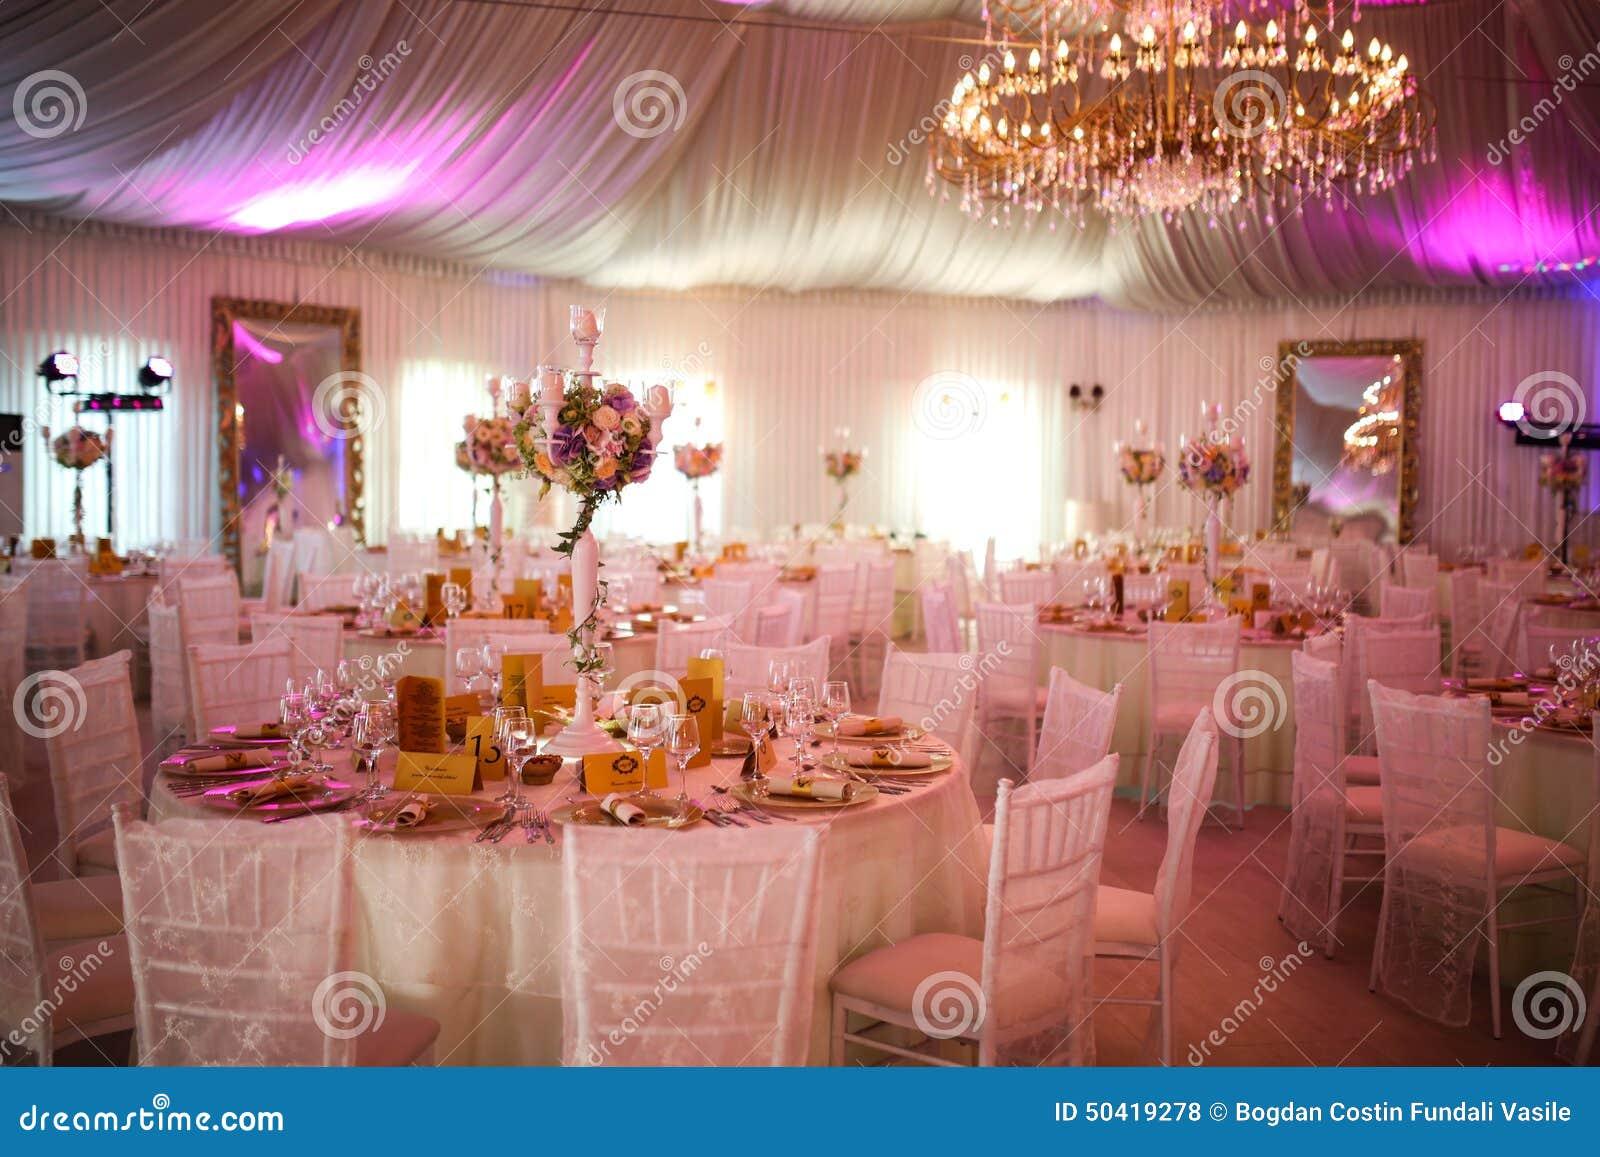 Interior de uma decoração branca luxuosa da barraca do casamento pronta para convidados